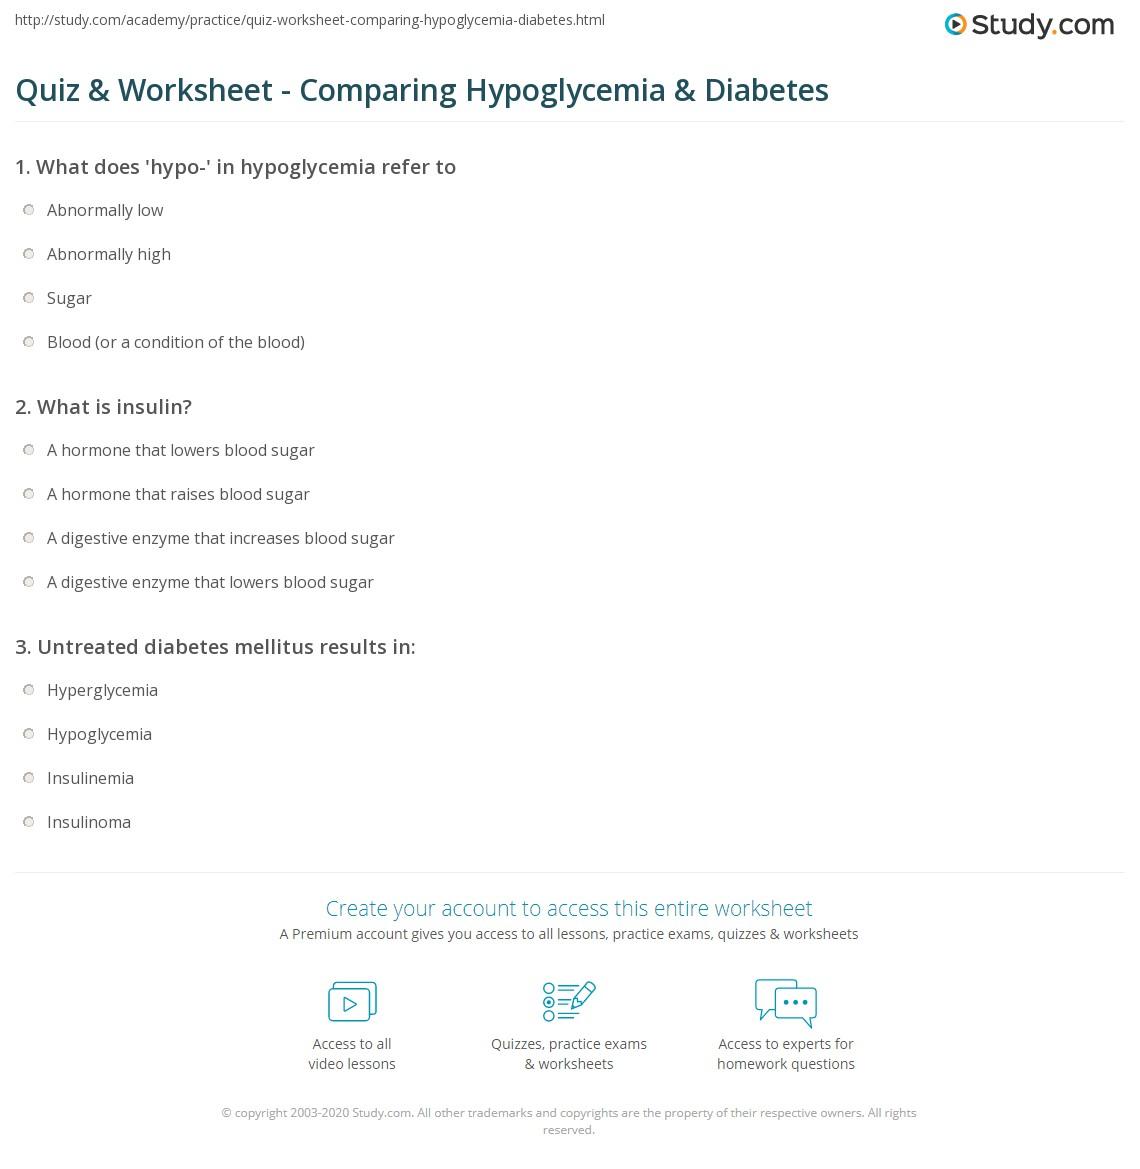 Quiz & Worksheet - Comparing Hypoglycemia & Diabetes   Study com